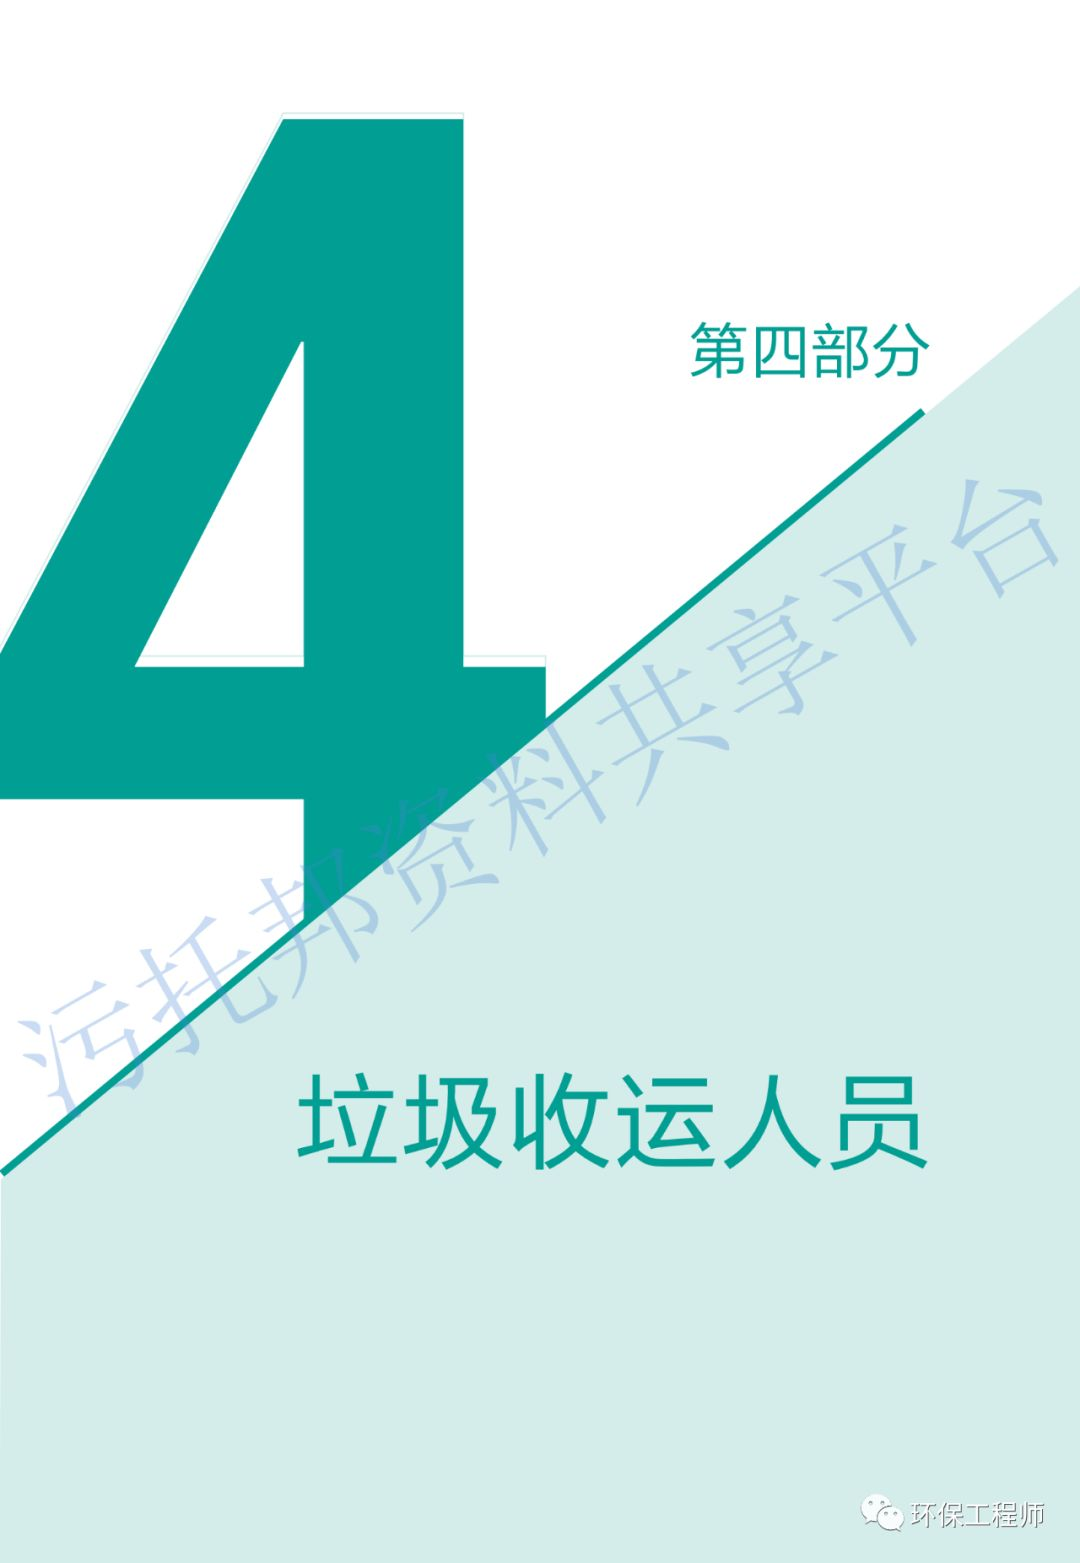 《环保从业人员新型冠状病毒疫情防护手册》_13